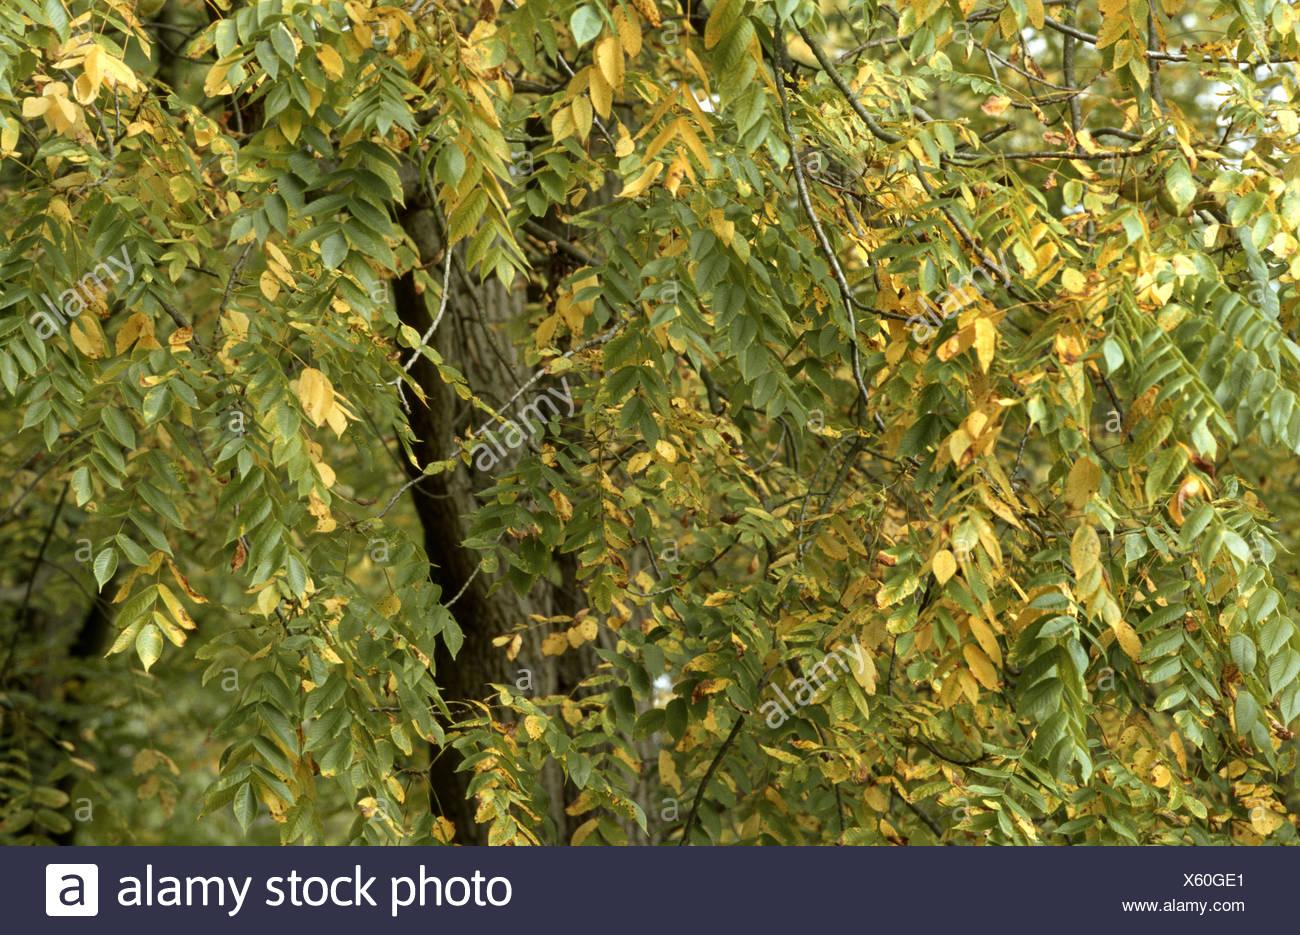 bitter-nut hickory, bitternut hockory (Carya cordiformis), begining autumnal colouration Stock Photo